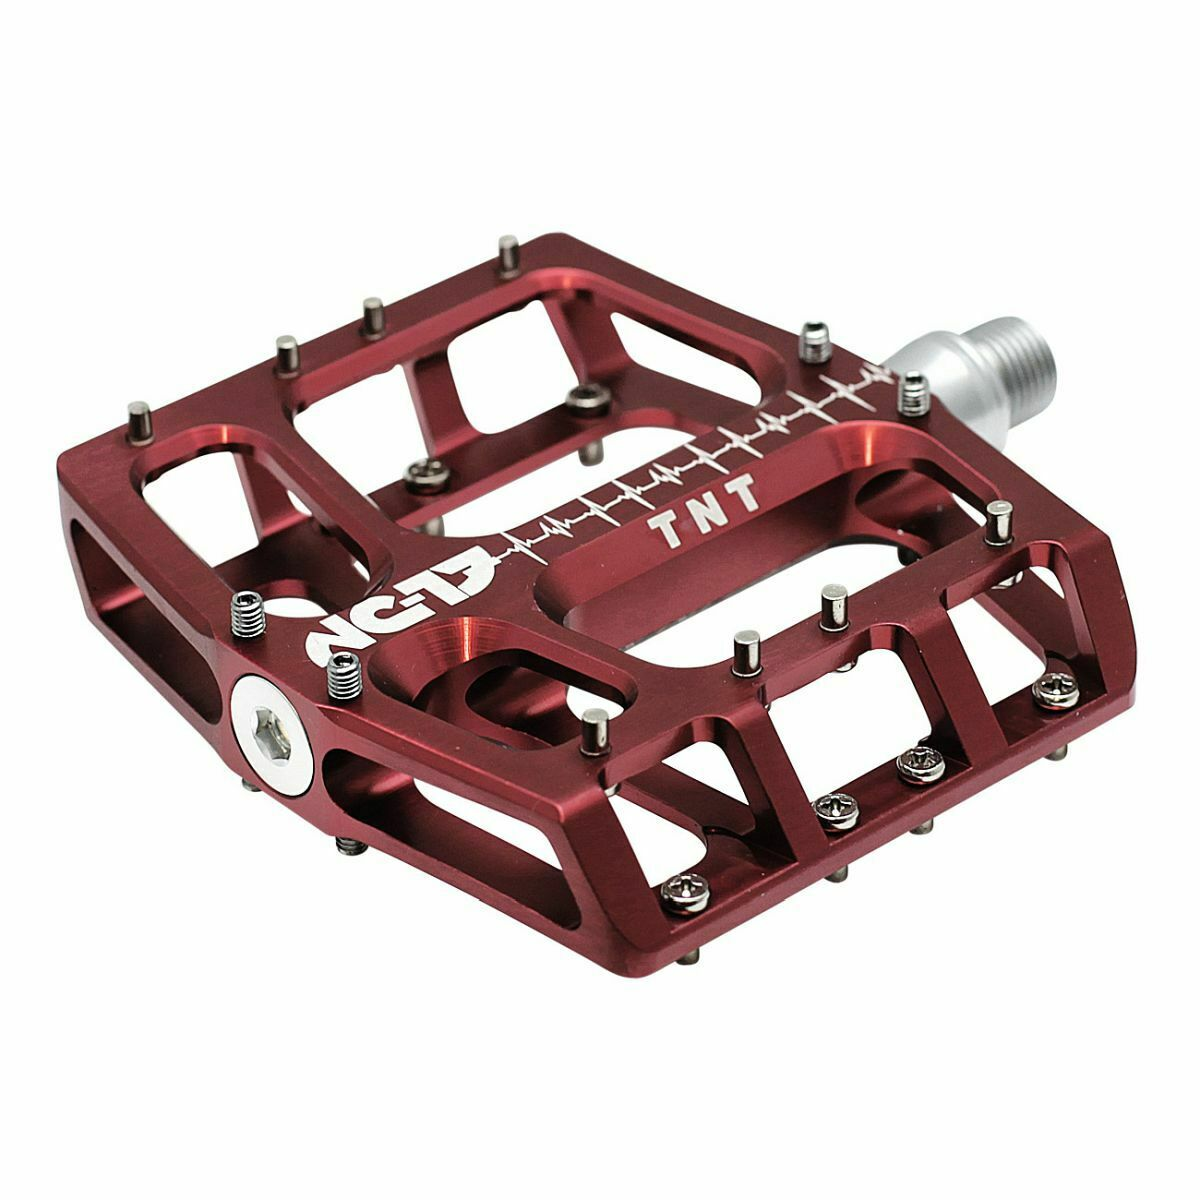 Nc-17 sudpin IV XL S-pro Flat bicicleta pedal rojo